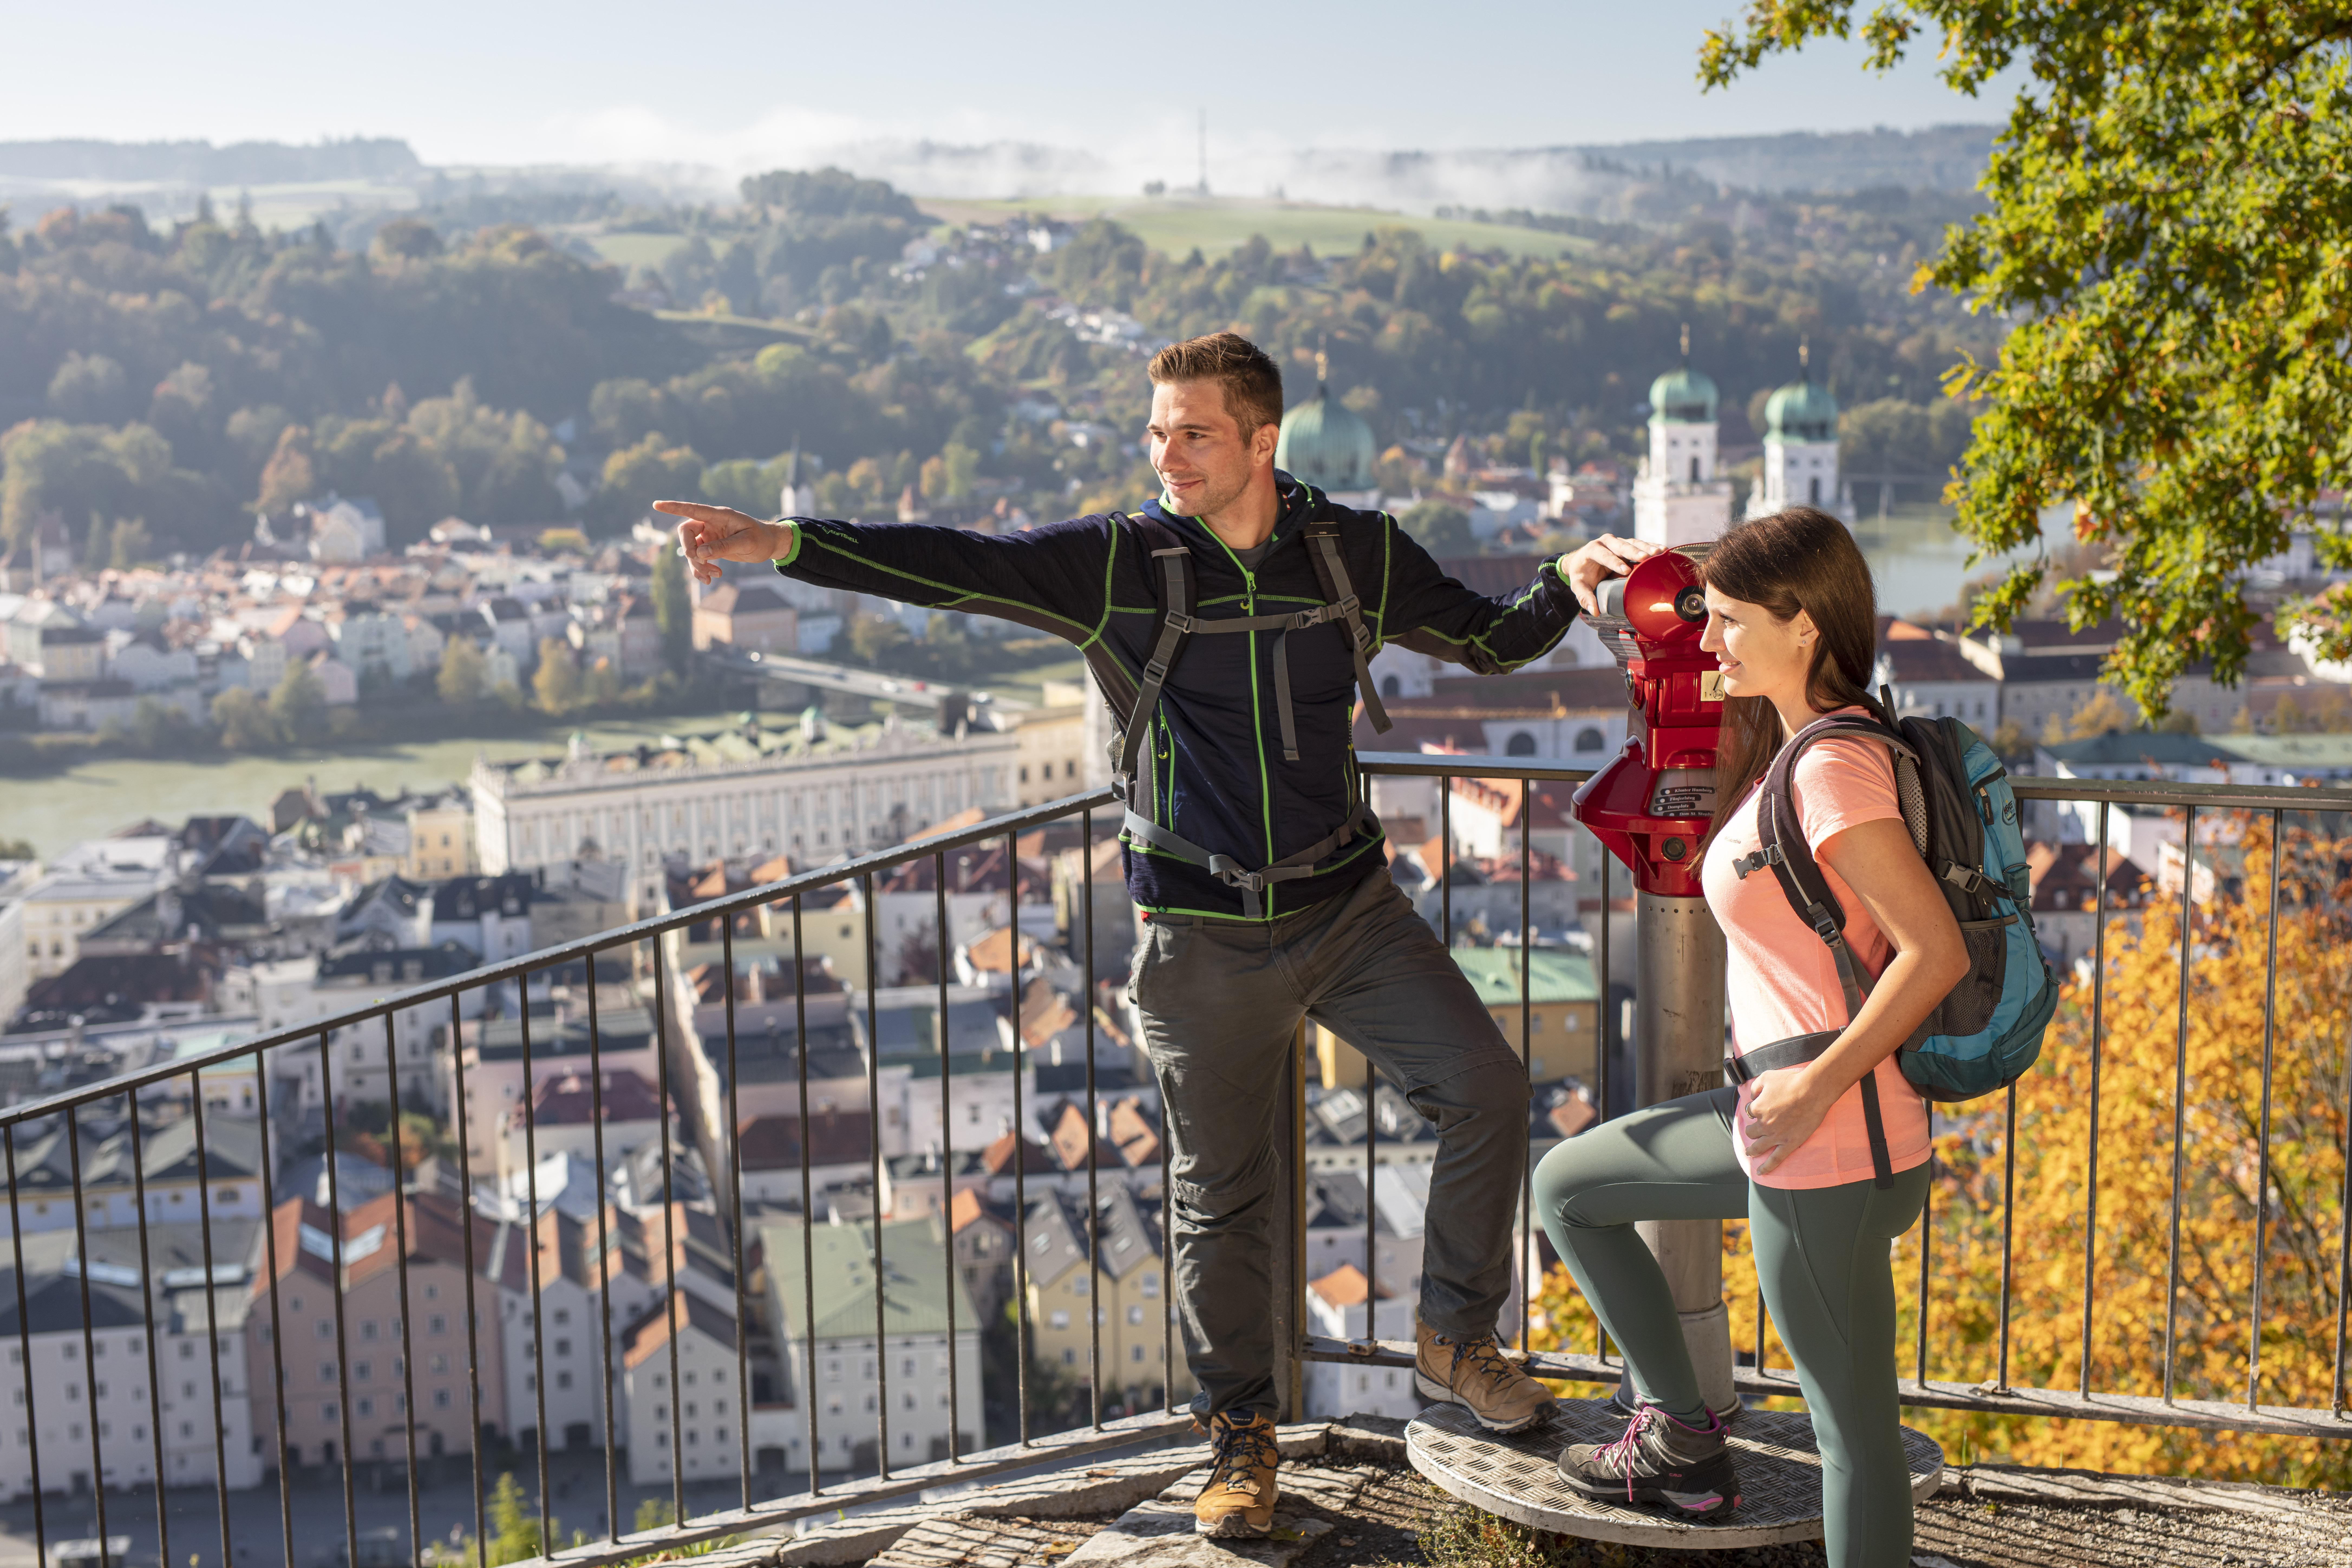 Genießt den wunderbaren Blick über die Passauer Altstadt!